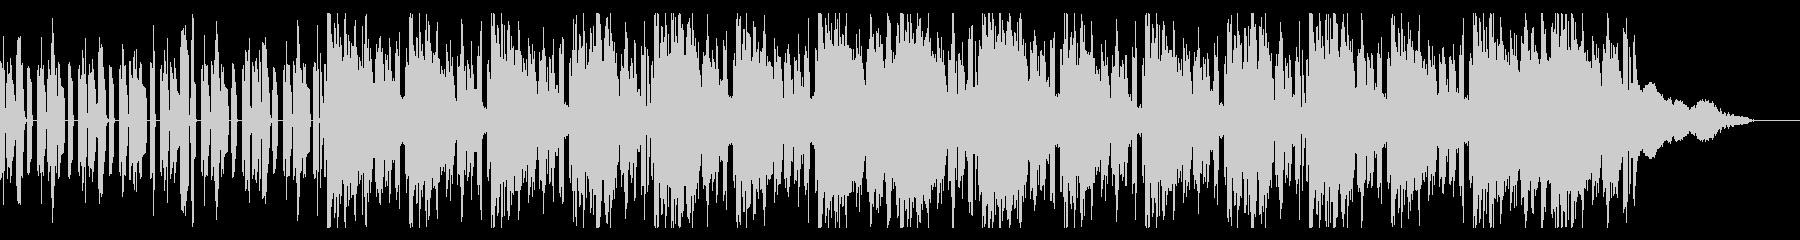 クールな映像向けのBGMの未再生の波形